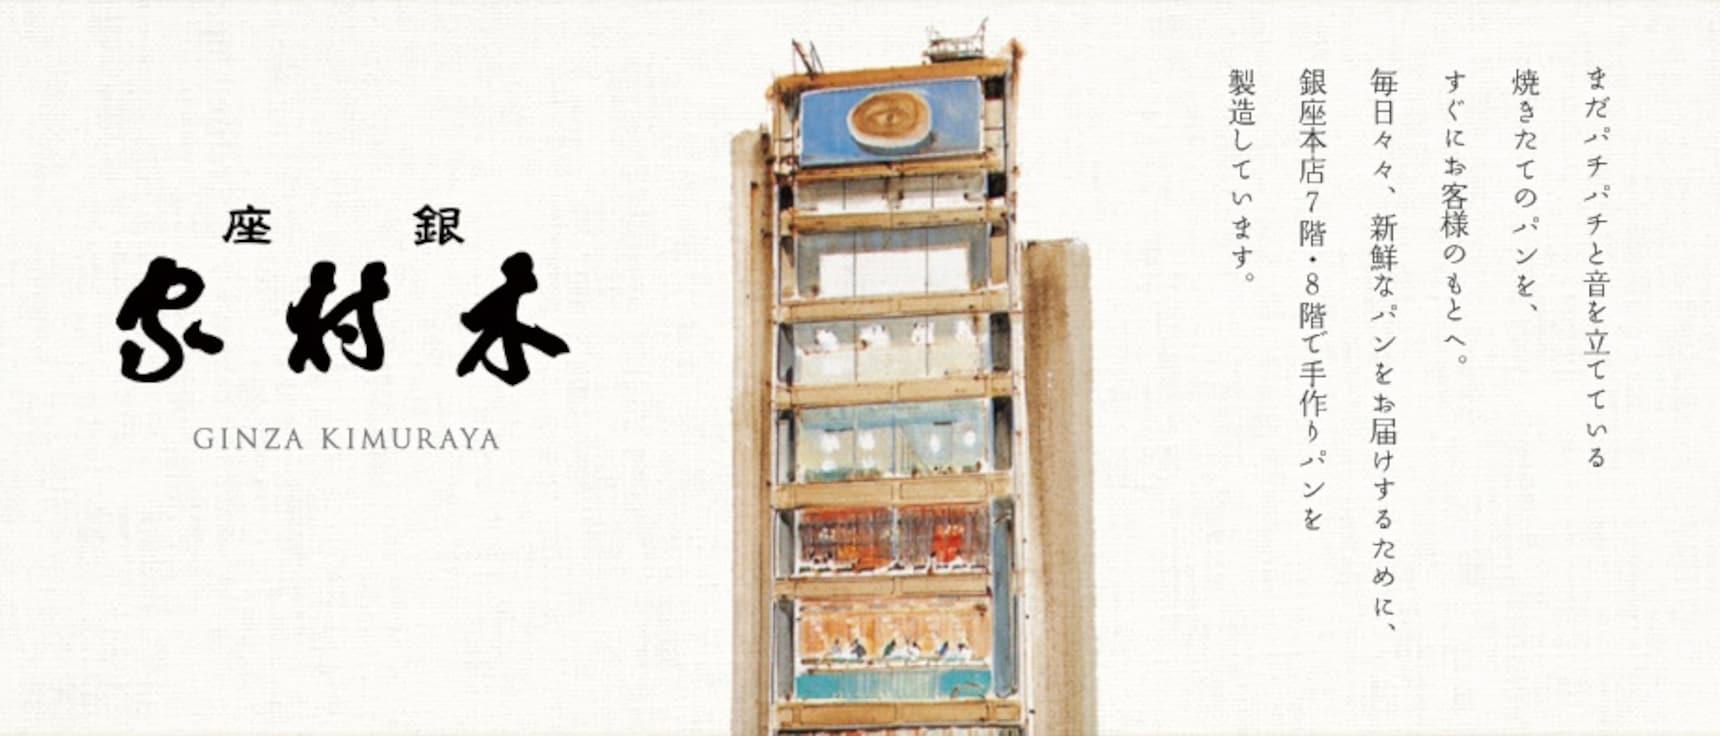 你所不知道的木村屋 ー 日本高级红豆包的乐园